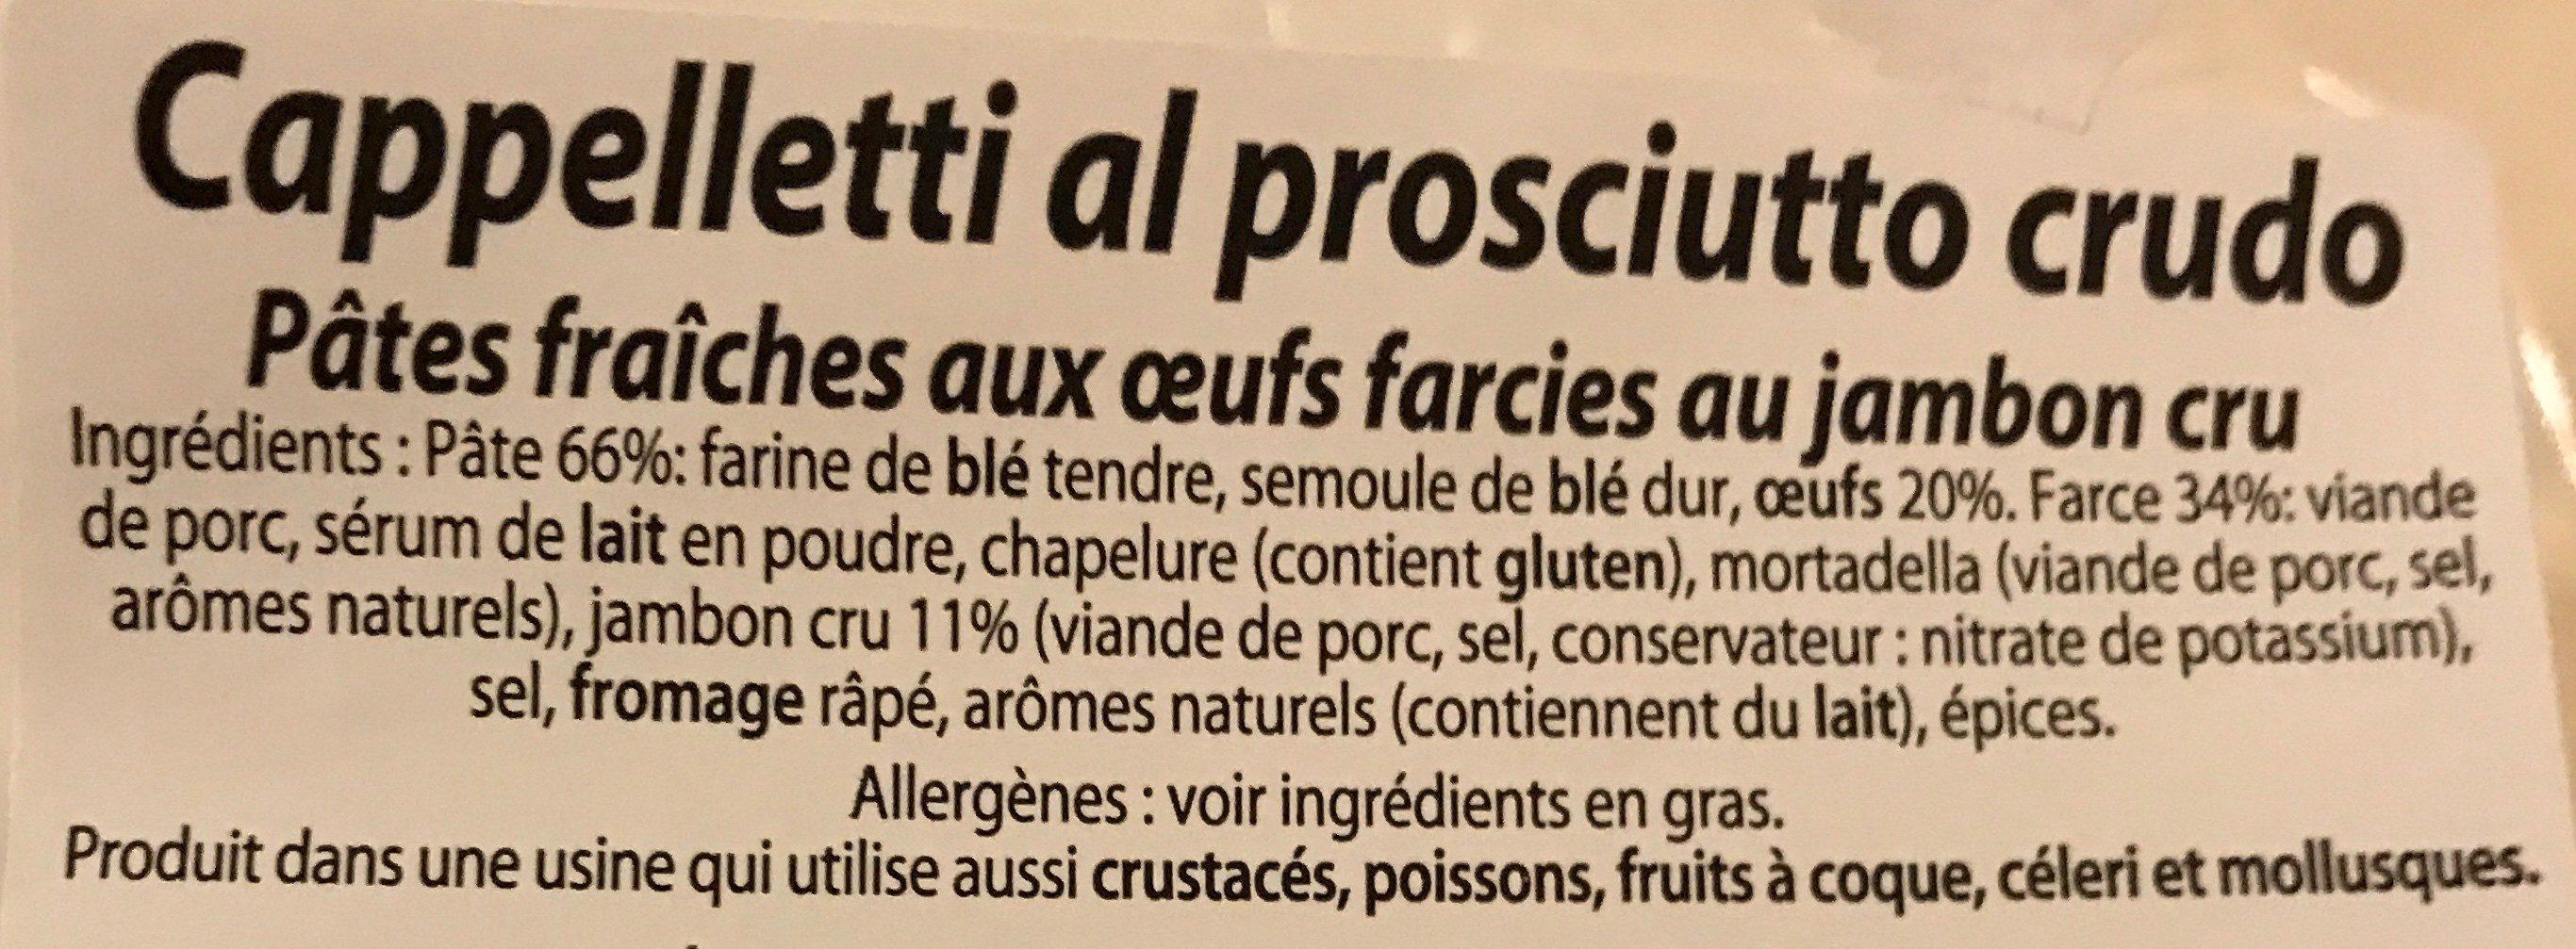 Pates fraiches aux oeufs farcies au jambon cru - Ingrédients